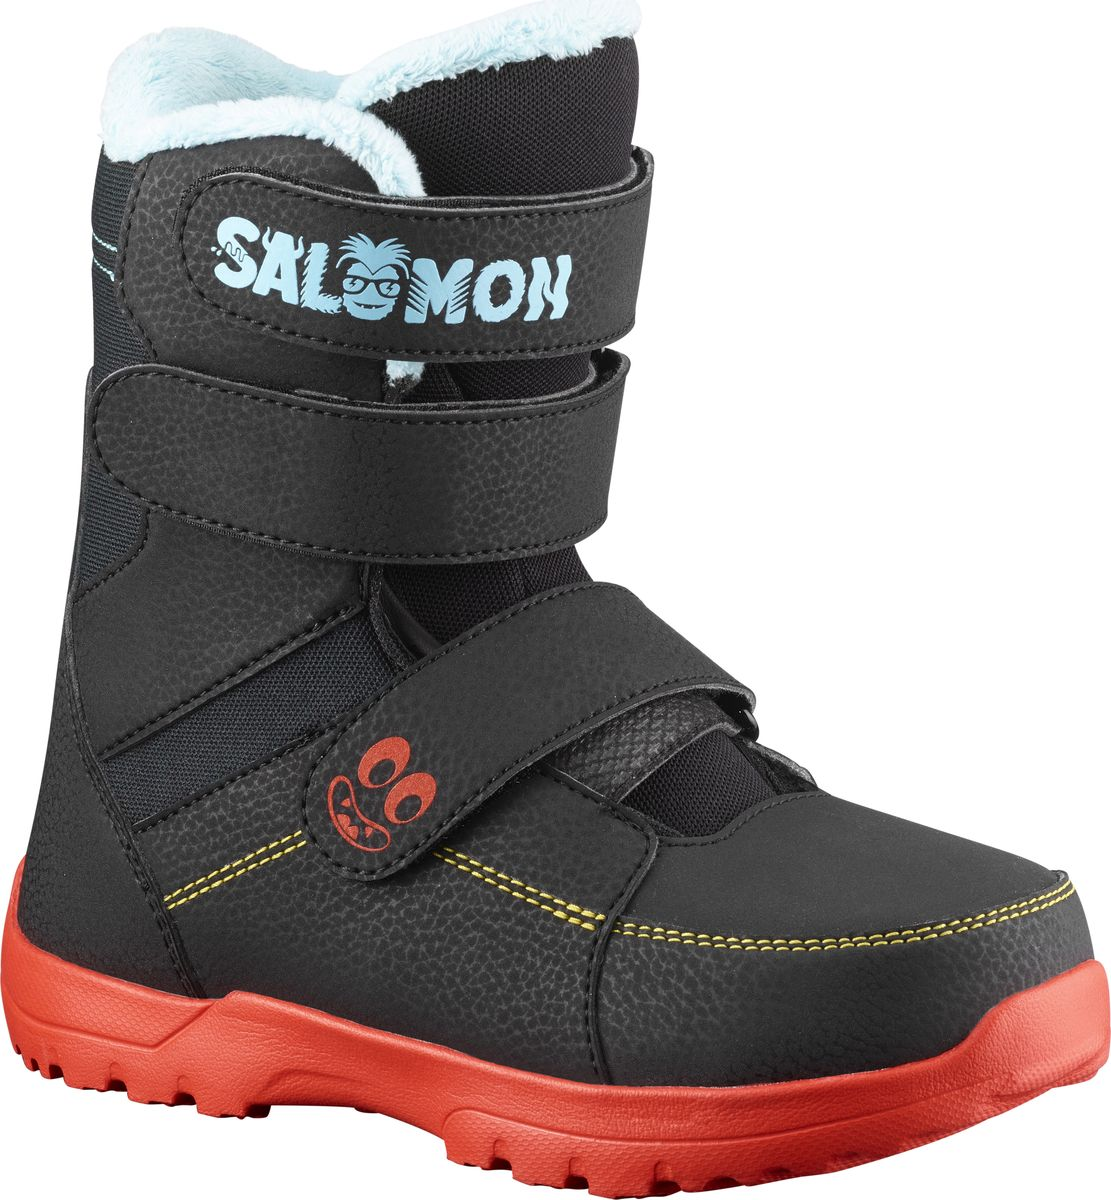 Ботинки для сноуборда Salomon Whipstar, цвет:  черный.  Размер 29 Salomon